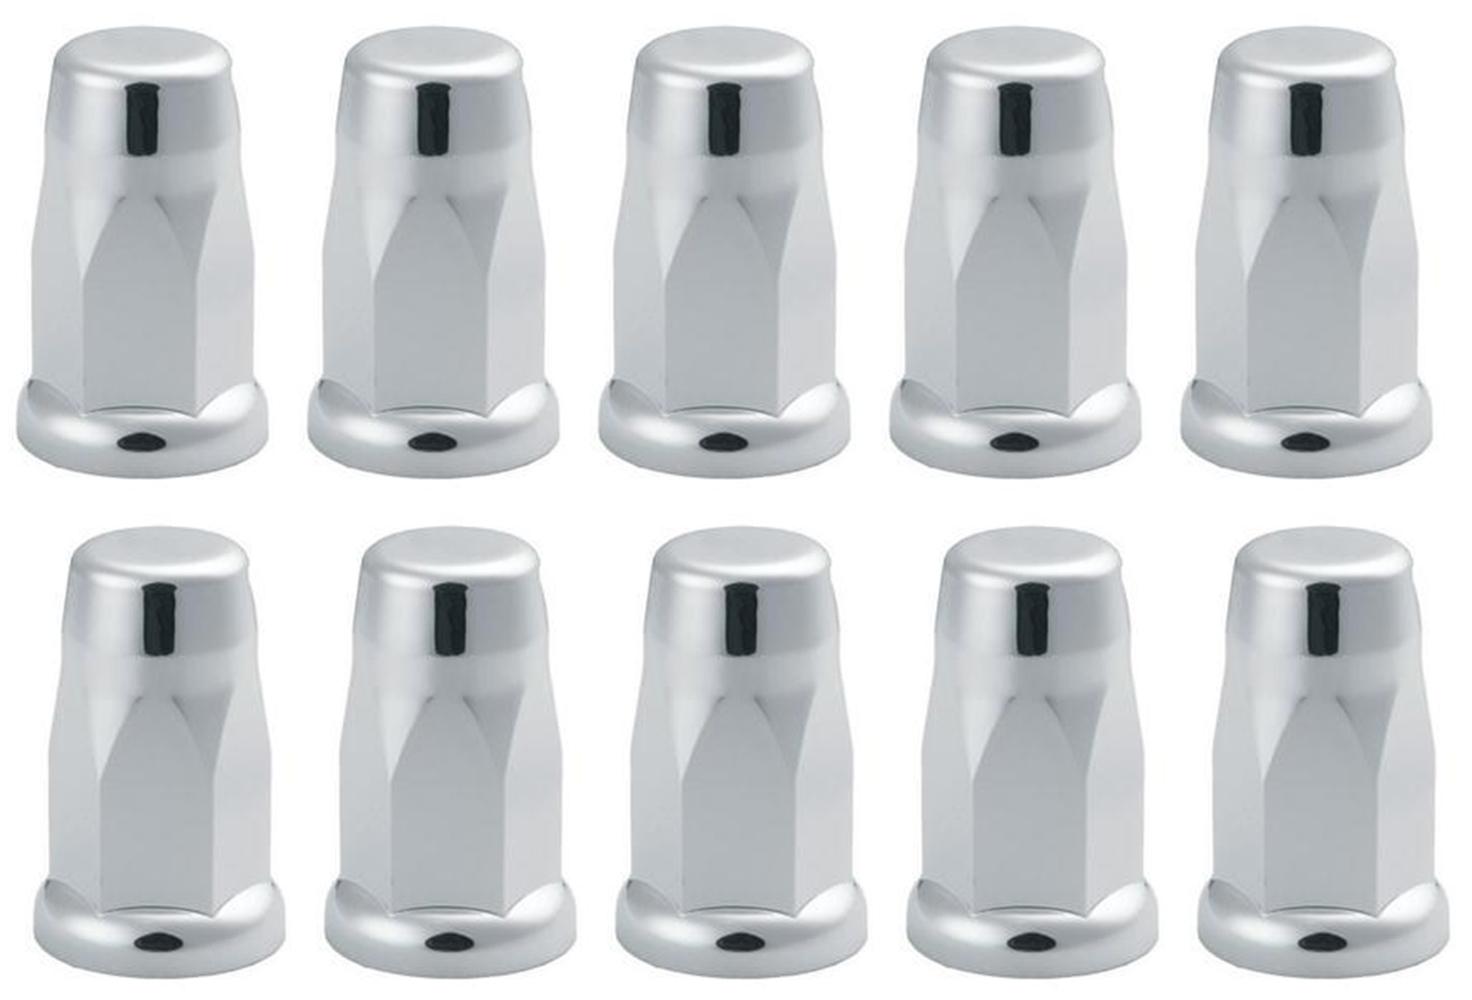 60 Chrome ABS Plastic Lug Nuts Top Hat Shape for 3//4 Lug Nuts